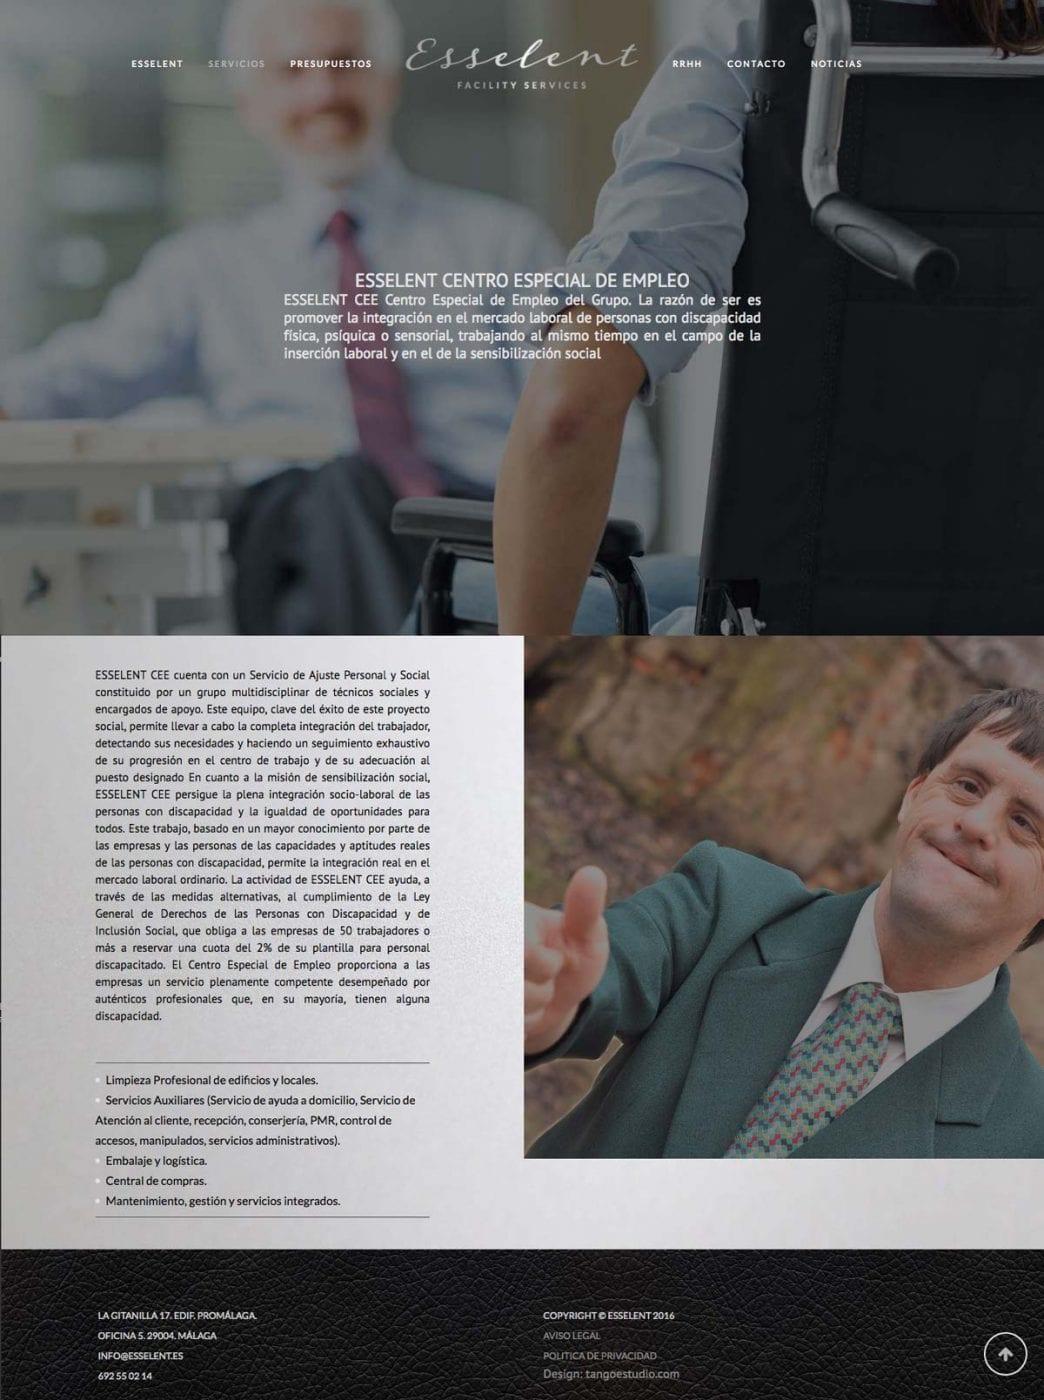 diseño de paginas web originales